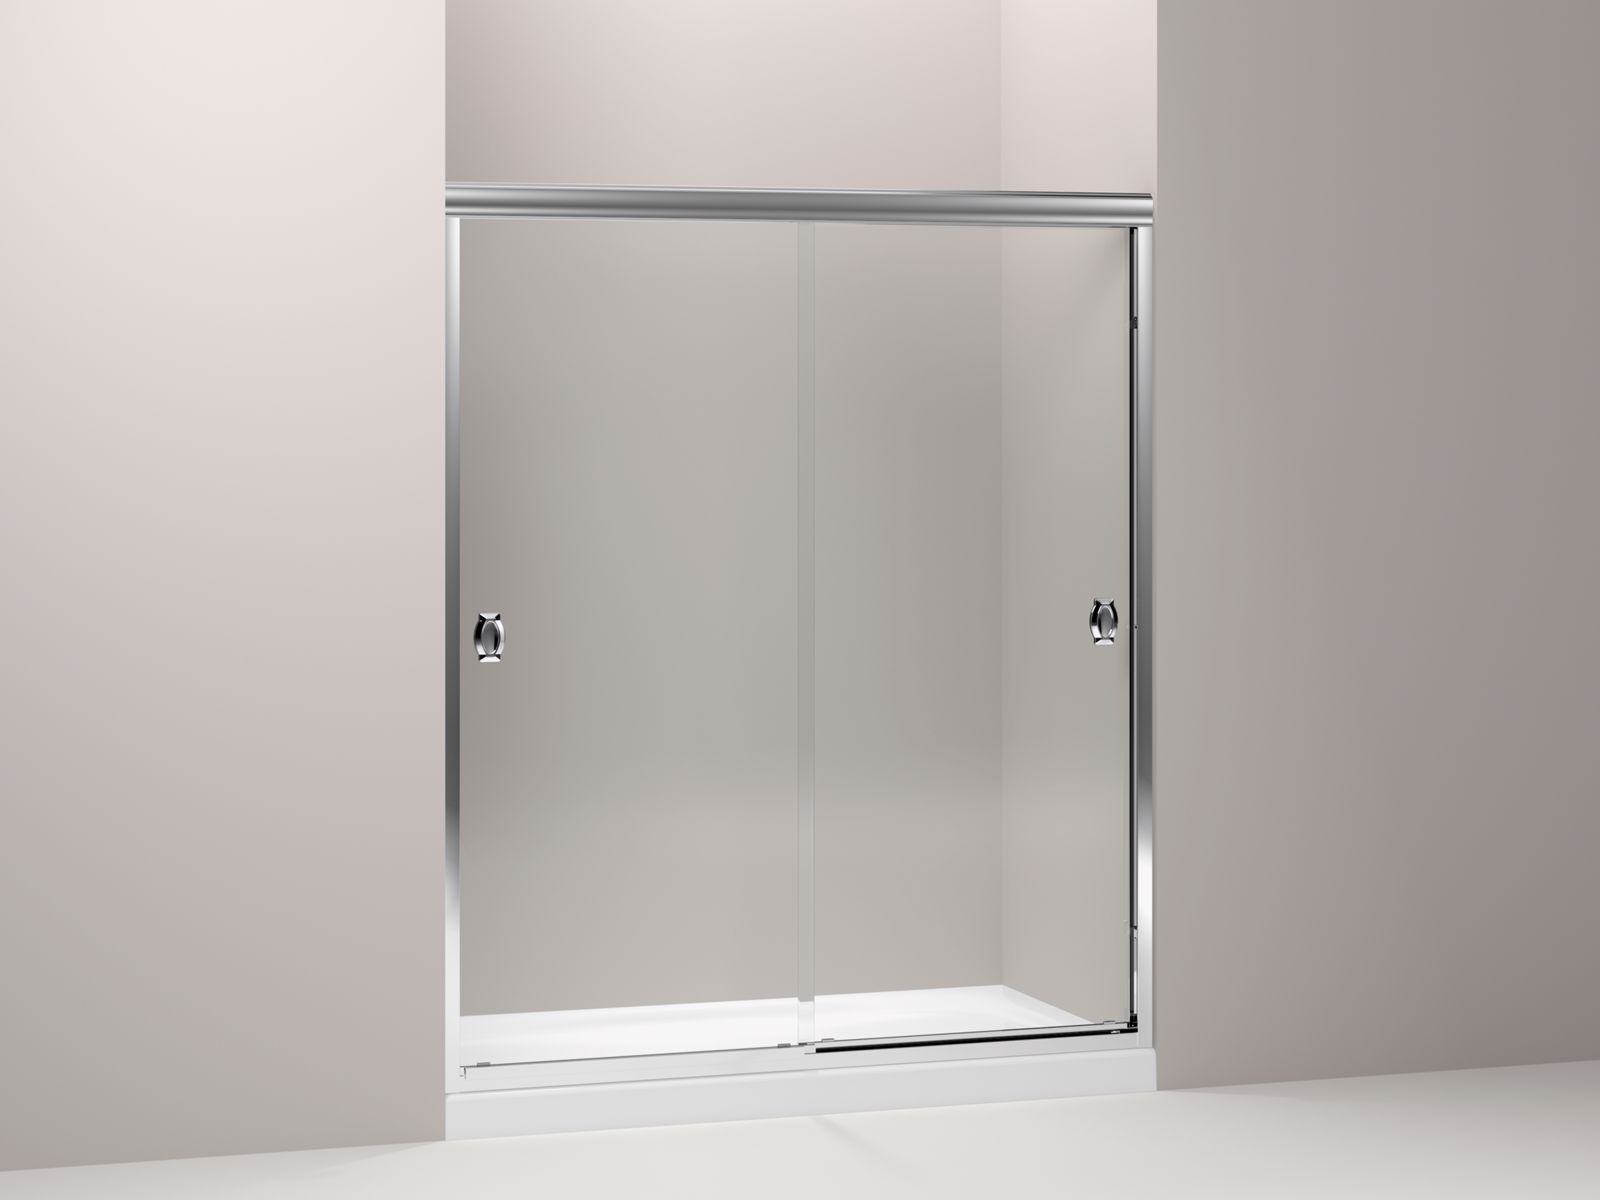 KOHLER Devonshire Frameless Sliding Shower Door KOHLER